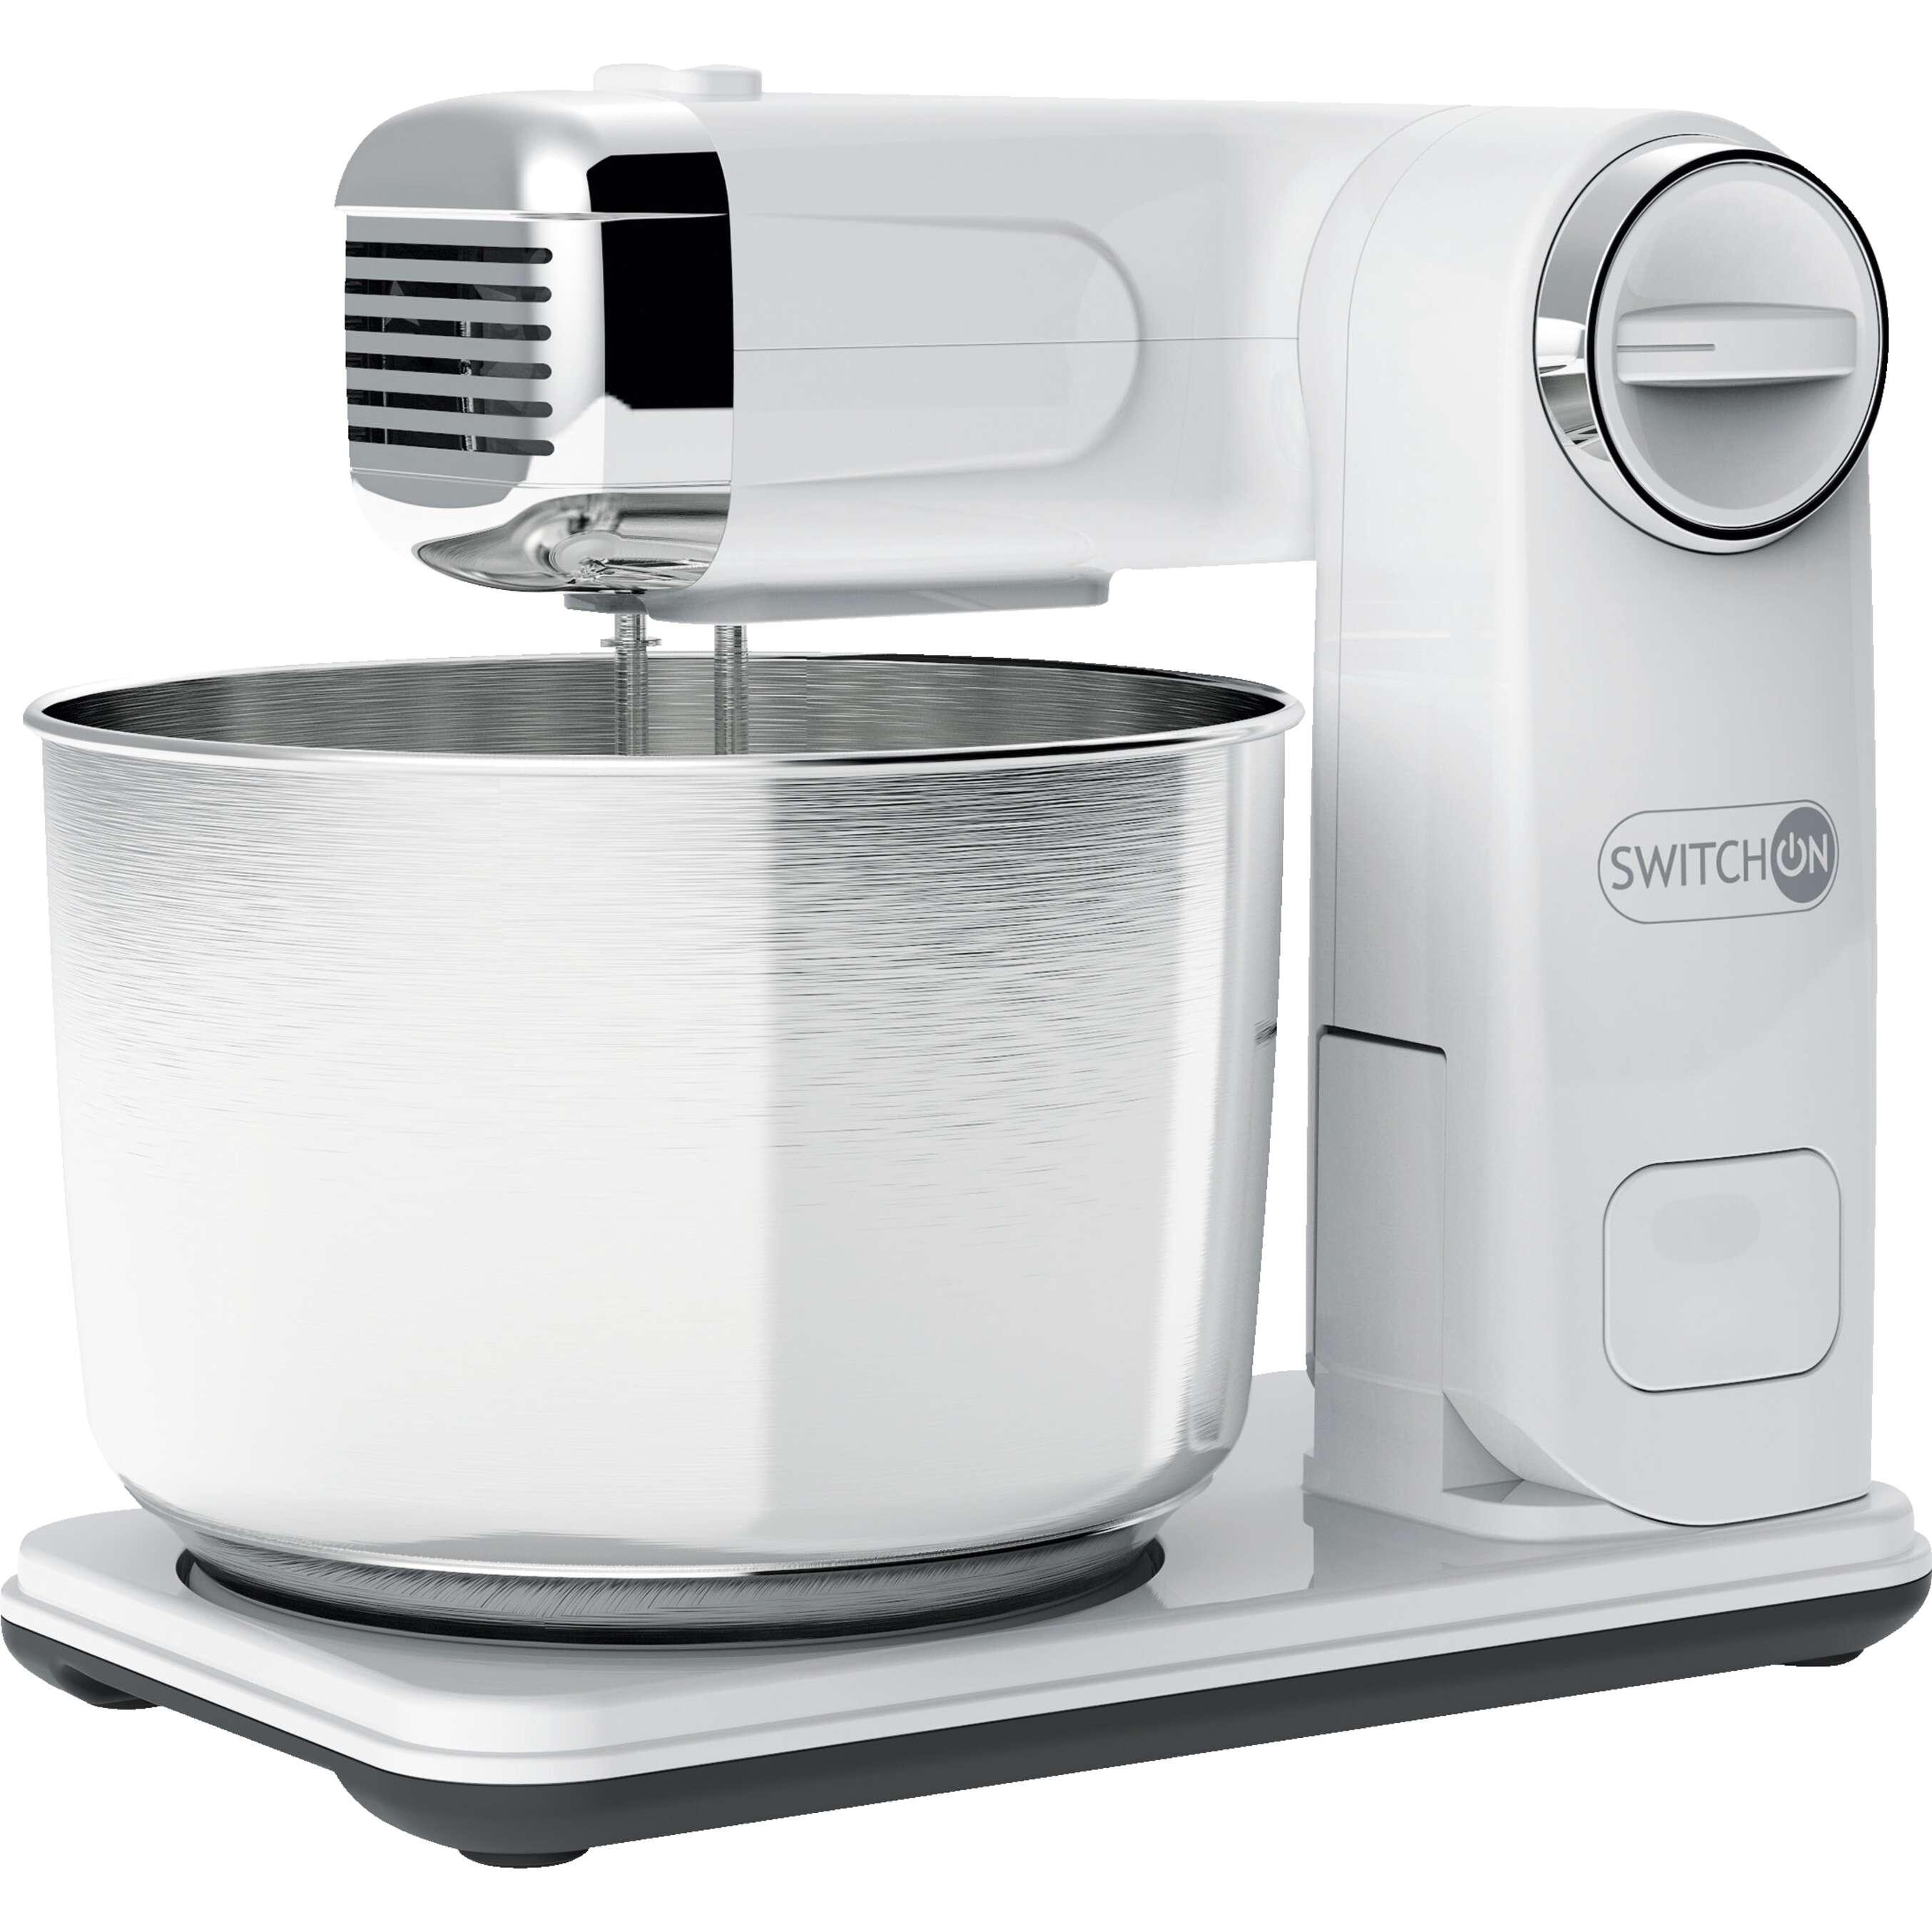 Кухненски робот SWITCH ON